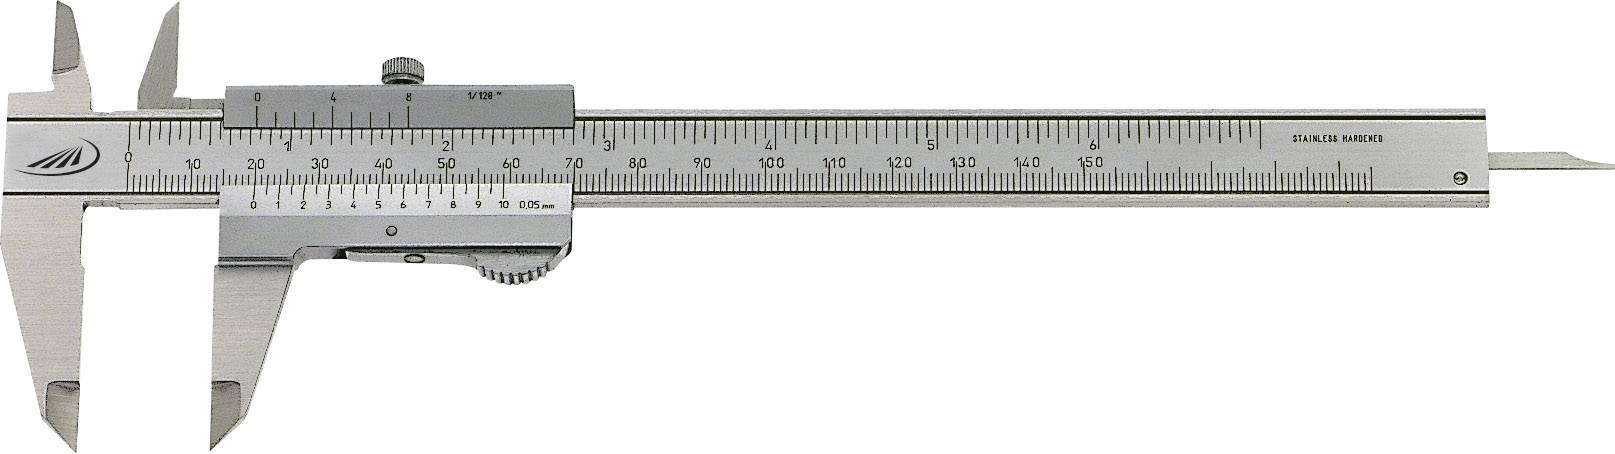 Digitálne posuvné meradlo Helios Preisser Duo Fix 0190 501, rozsah merania 150 mm